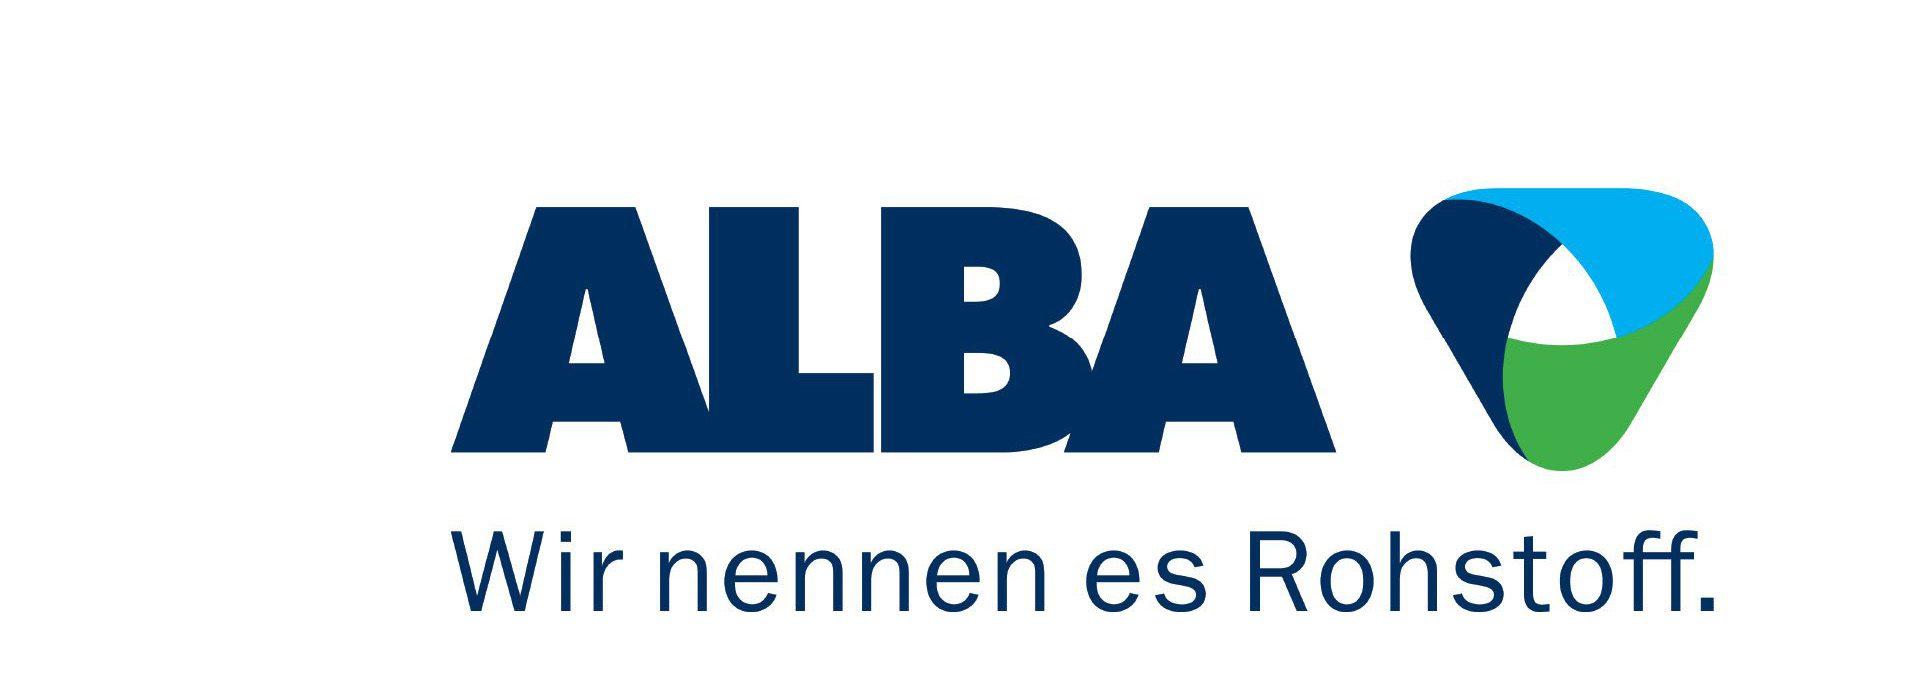 Alba Corporate Design Brand Identity Logo von Realgestalt